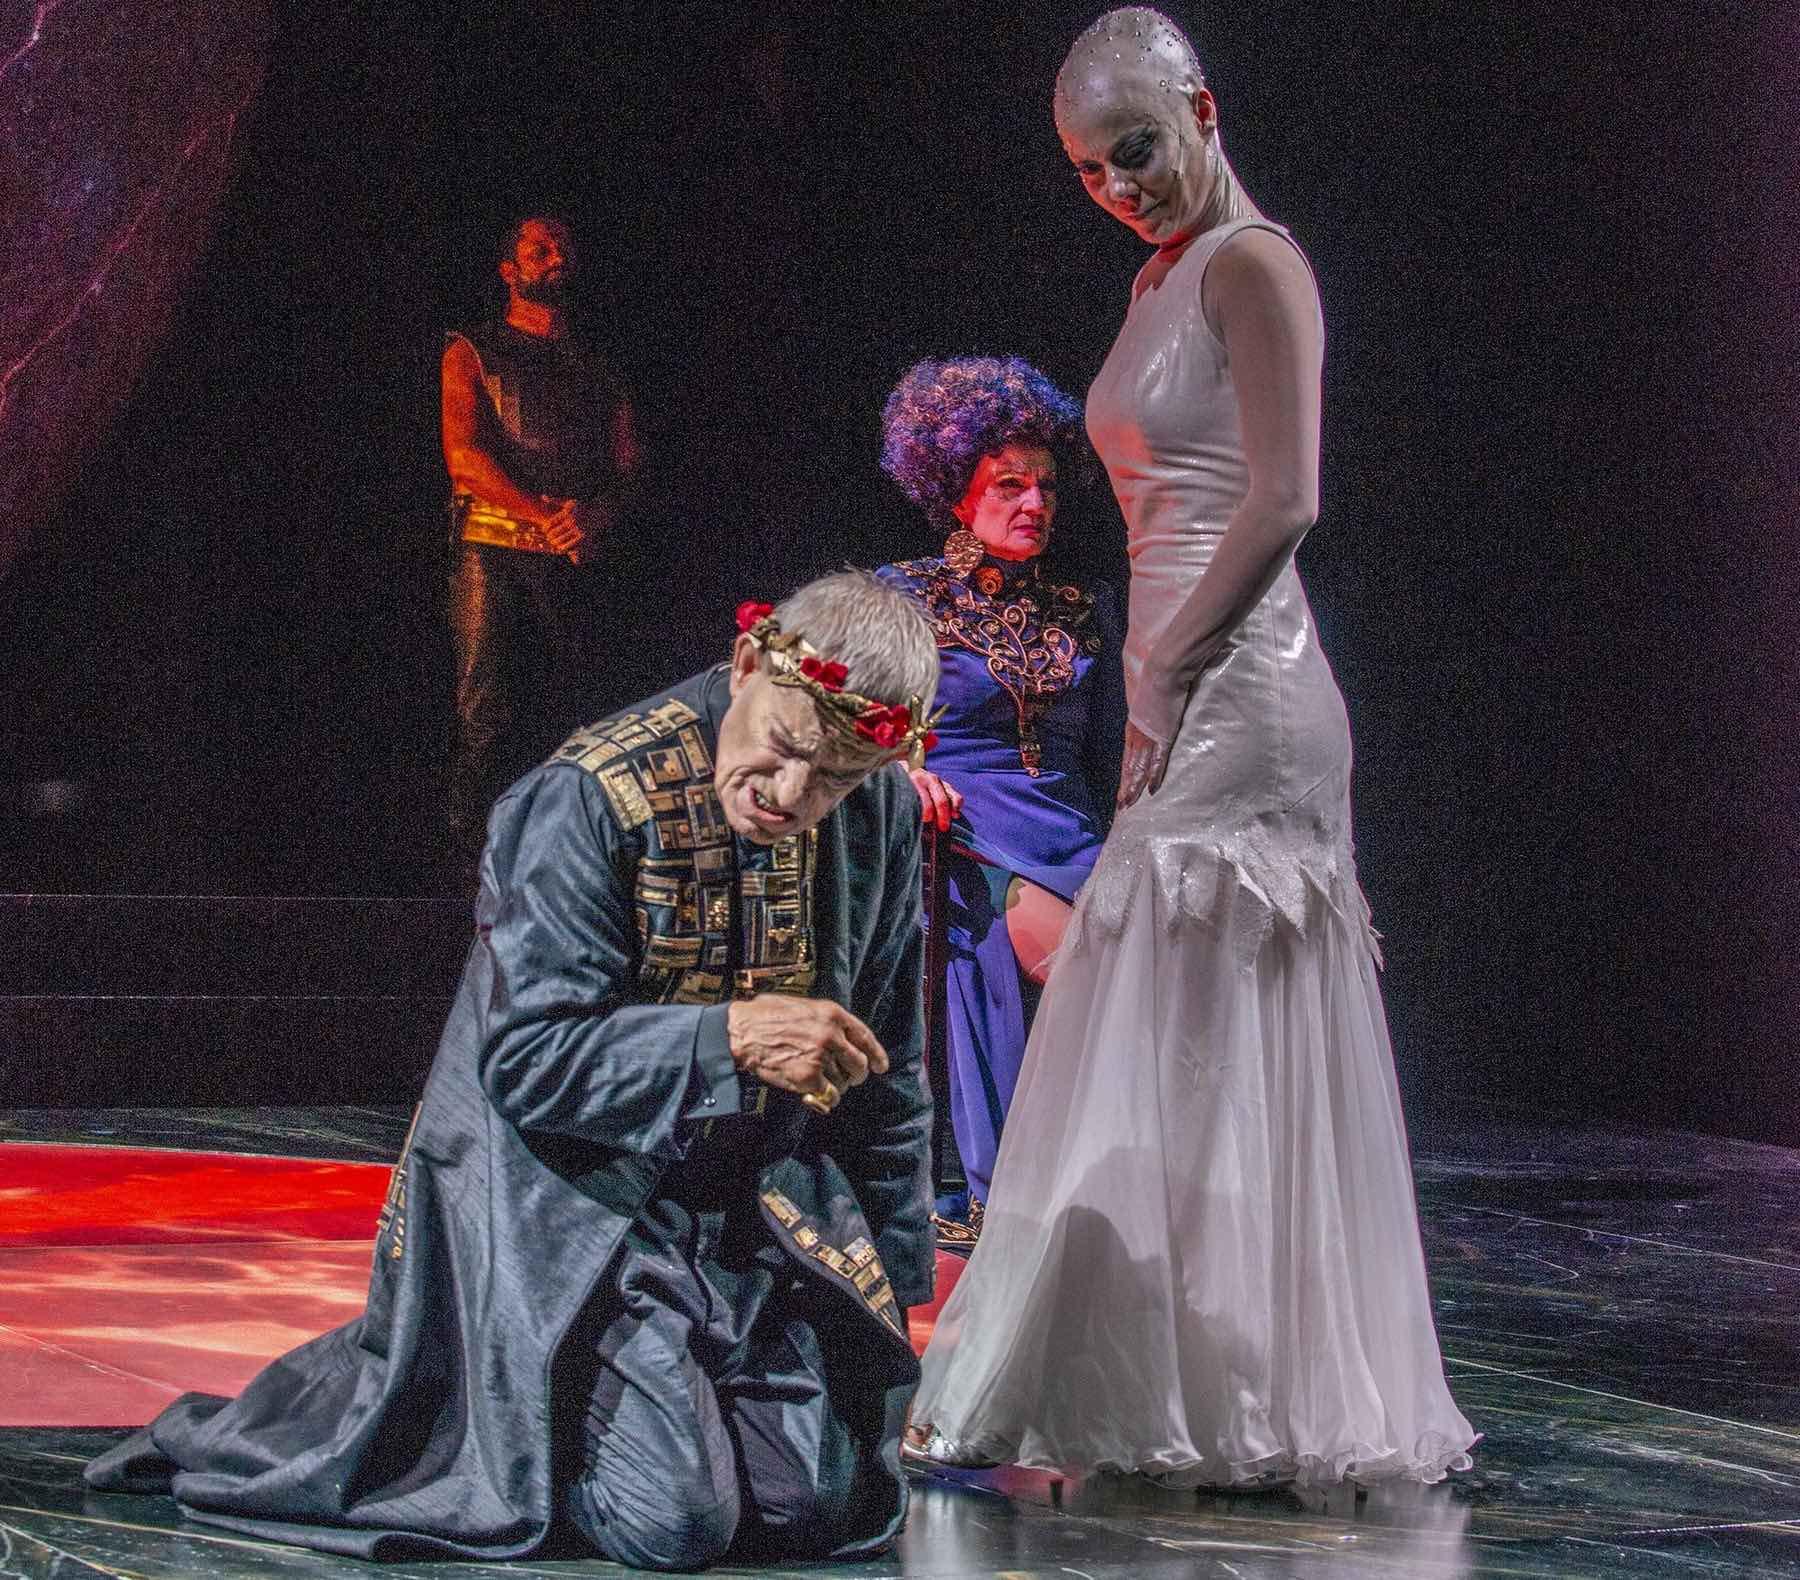 SALOME Eros Pagni e Gaia Aprea foto di FABIO DONATO 5923